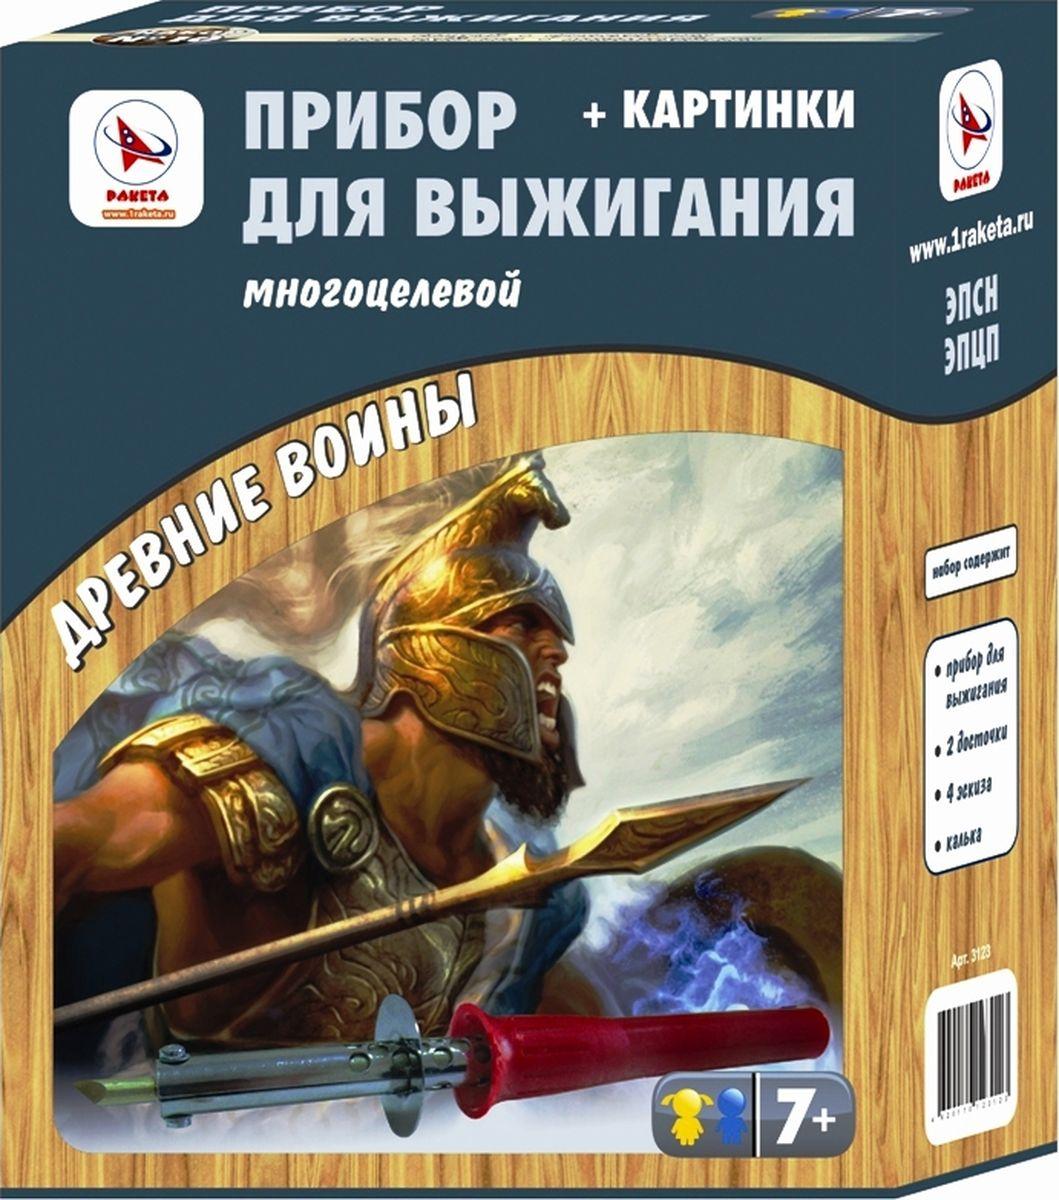 Ракета Набор для выжигания с аппаратом Древние воины